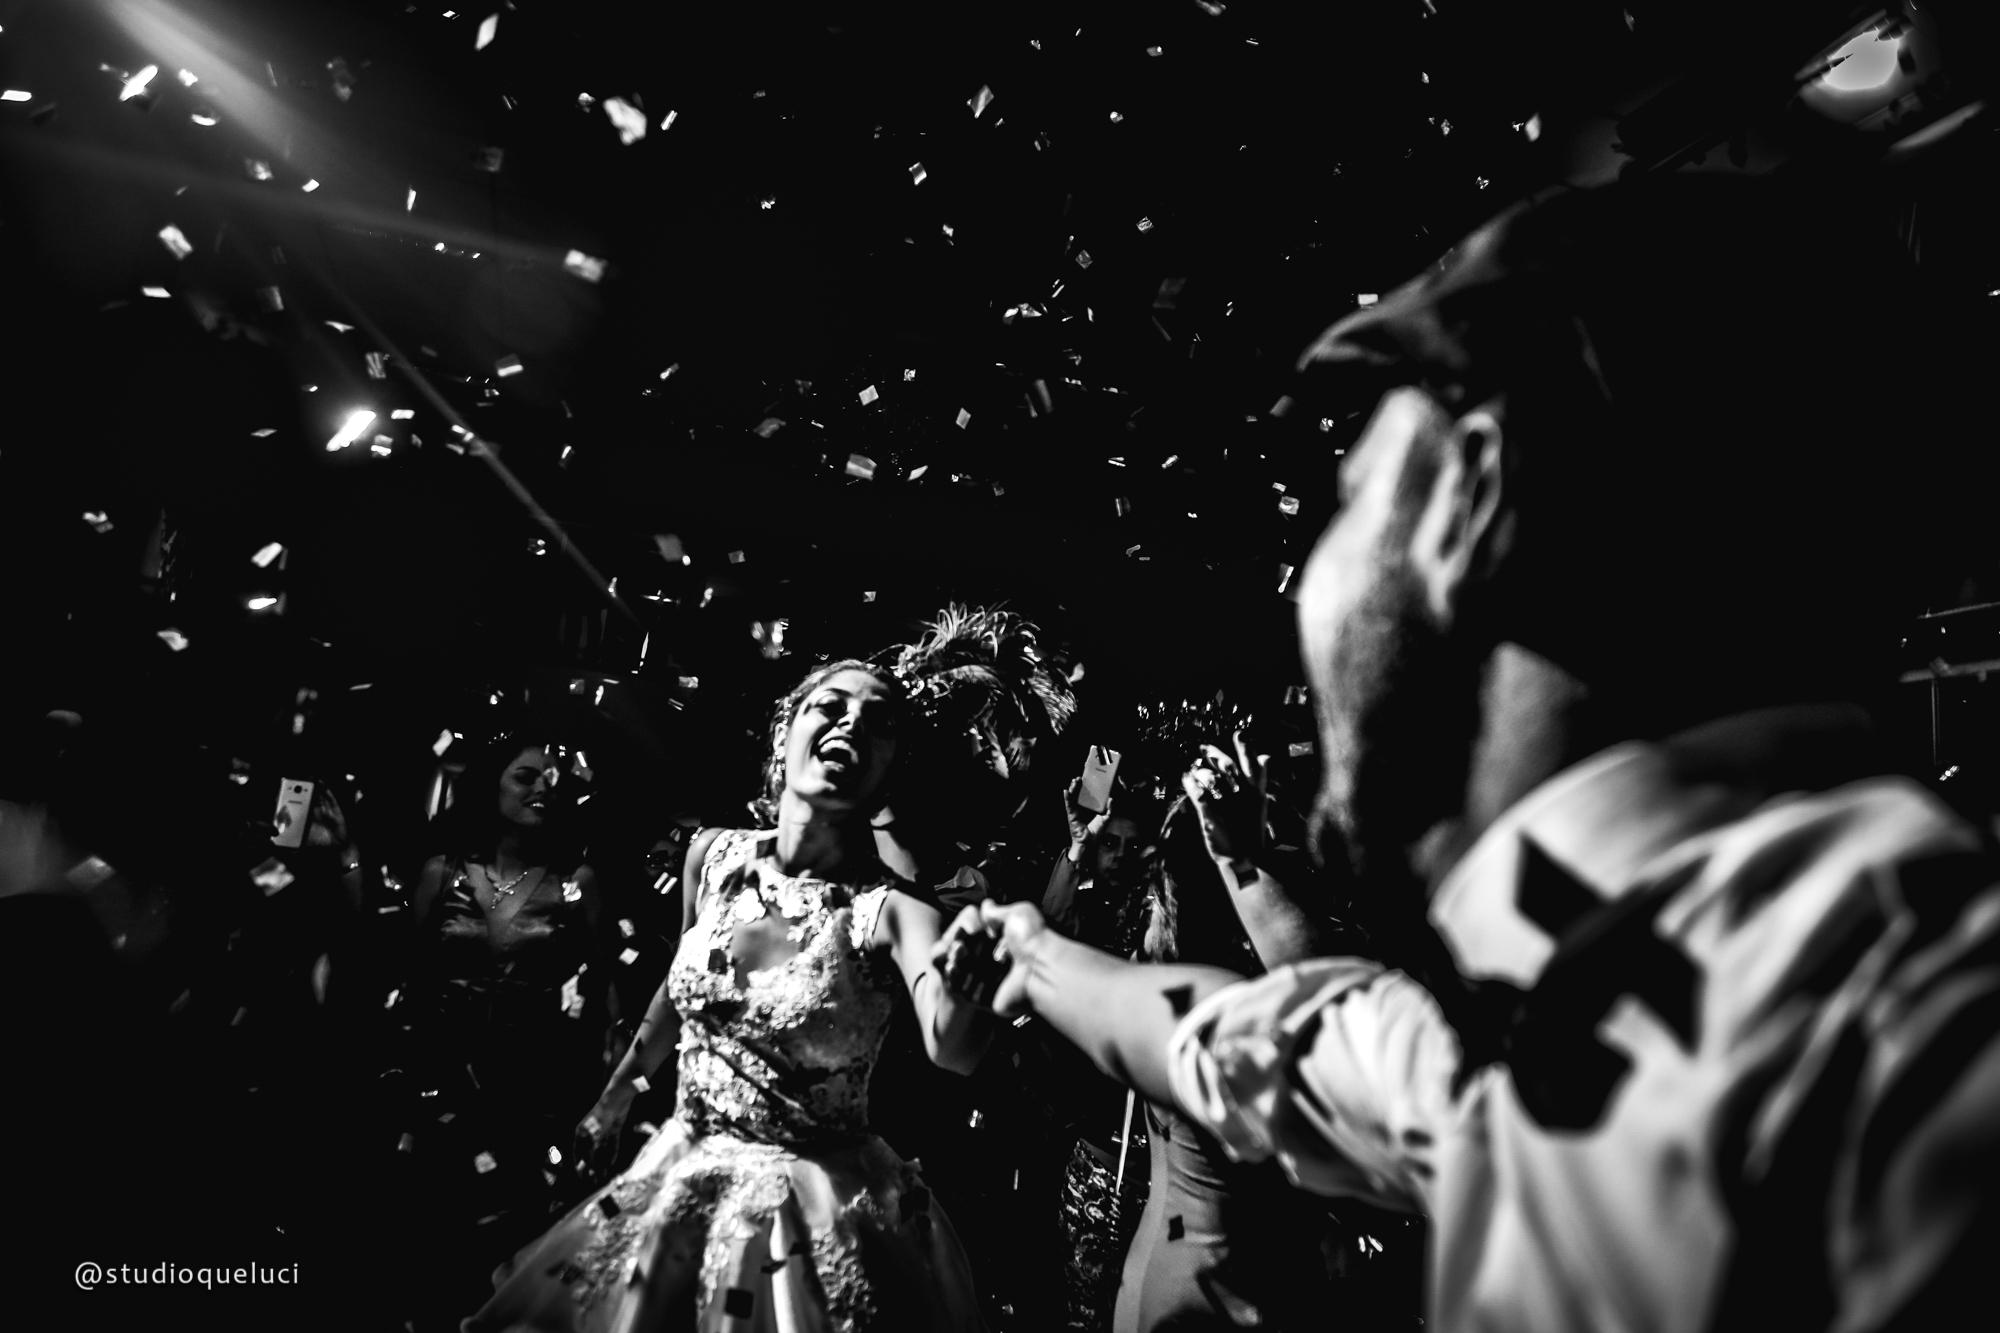 fotografo de casamento rio de janeiro (47)